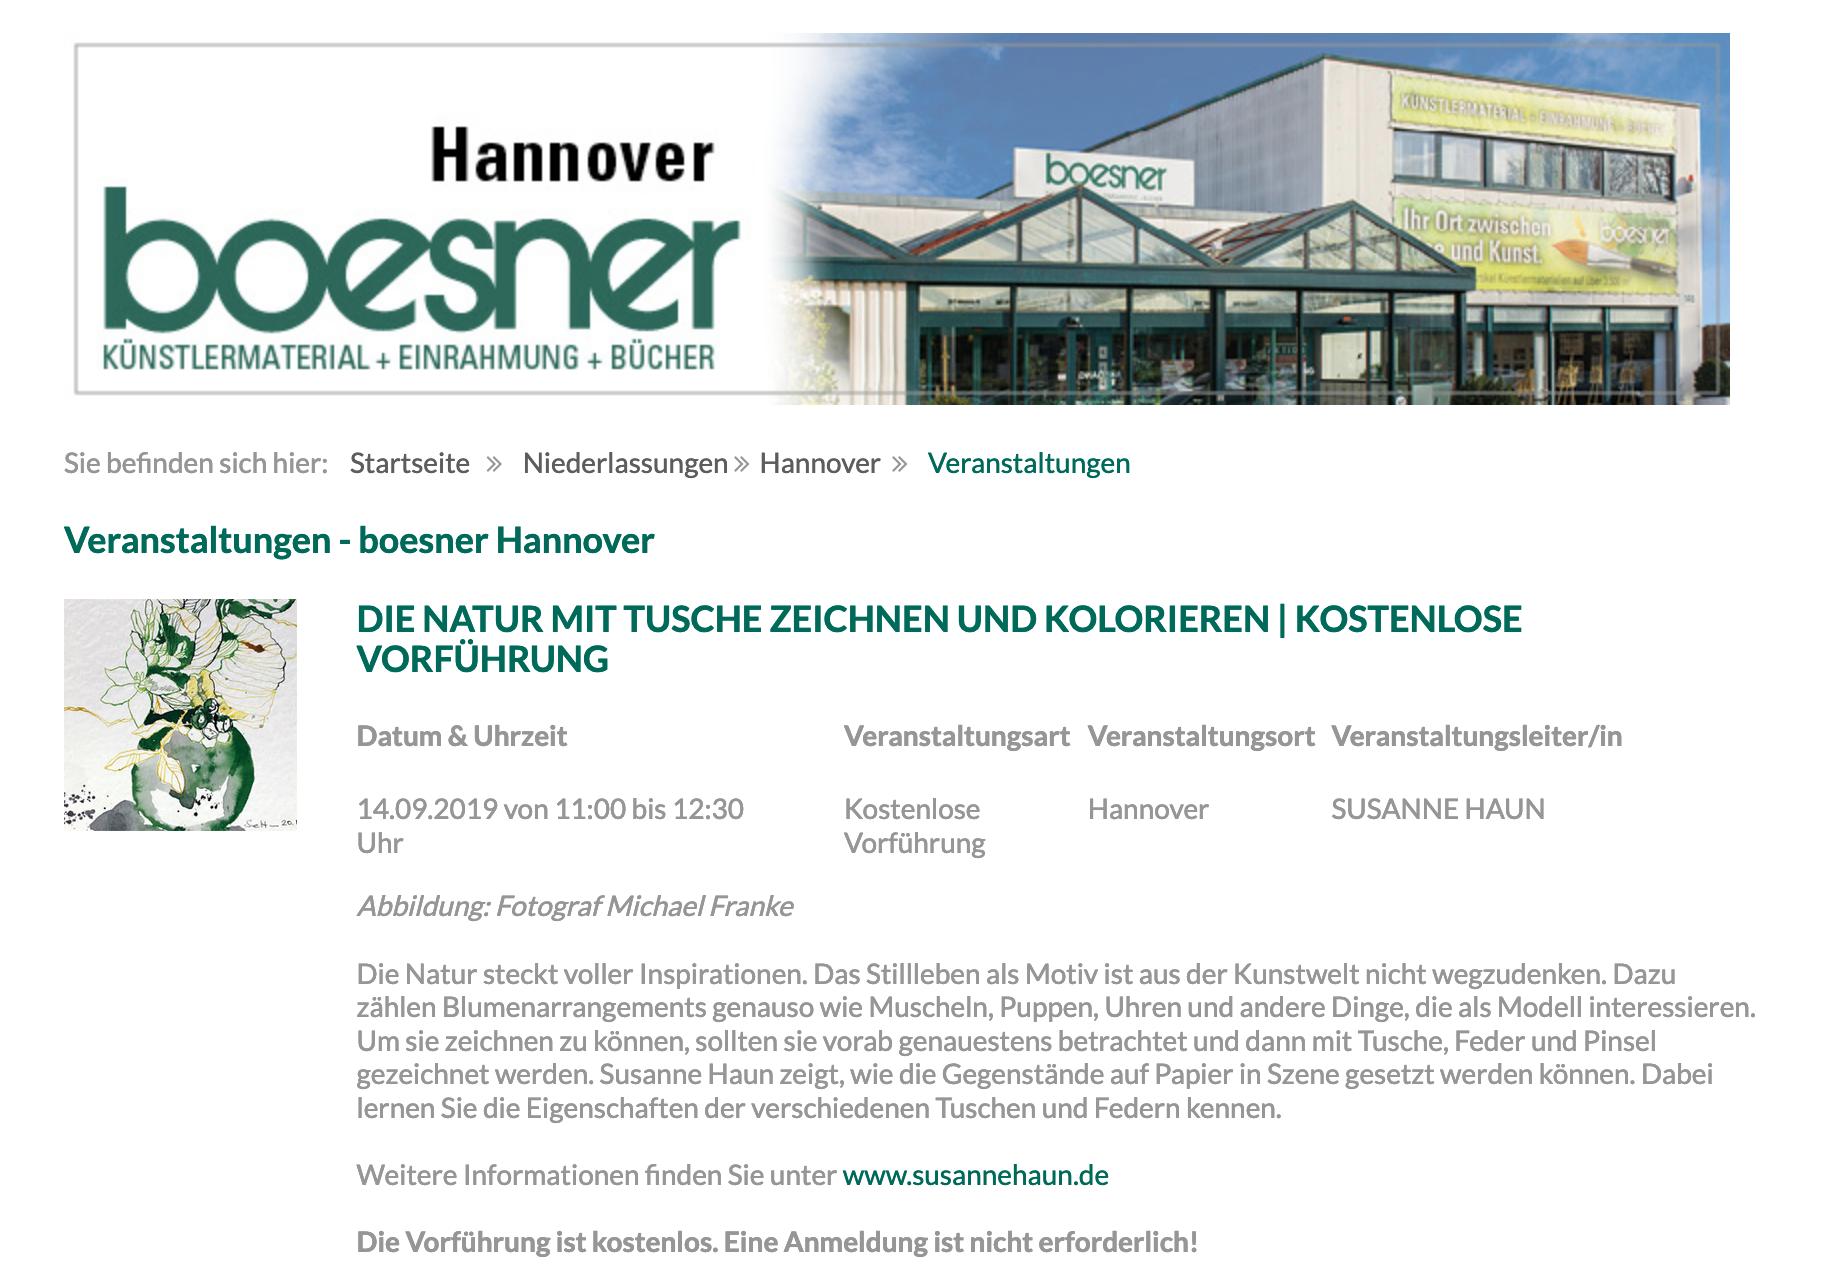 Susanne Haun bei Boesner Hannover, Vorführung Florales zeichnen